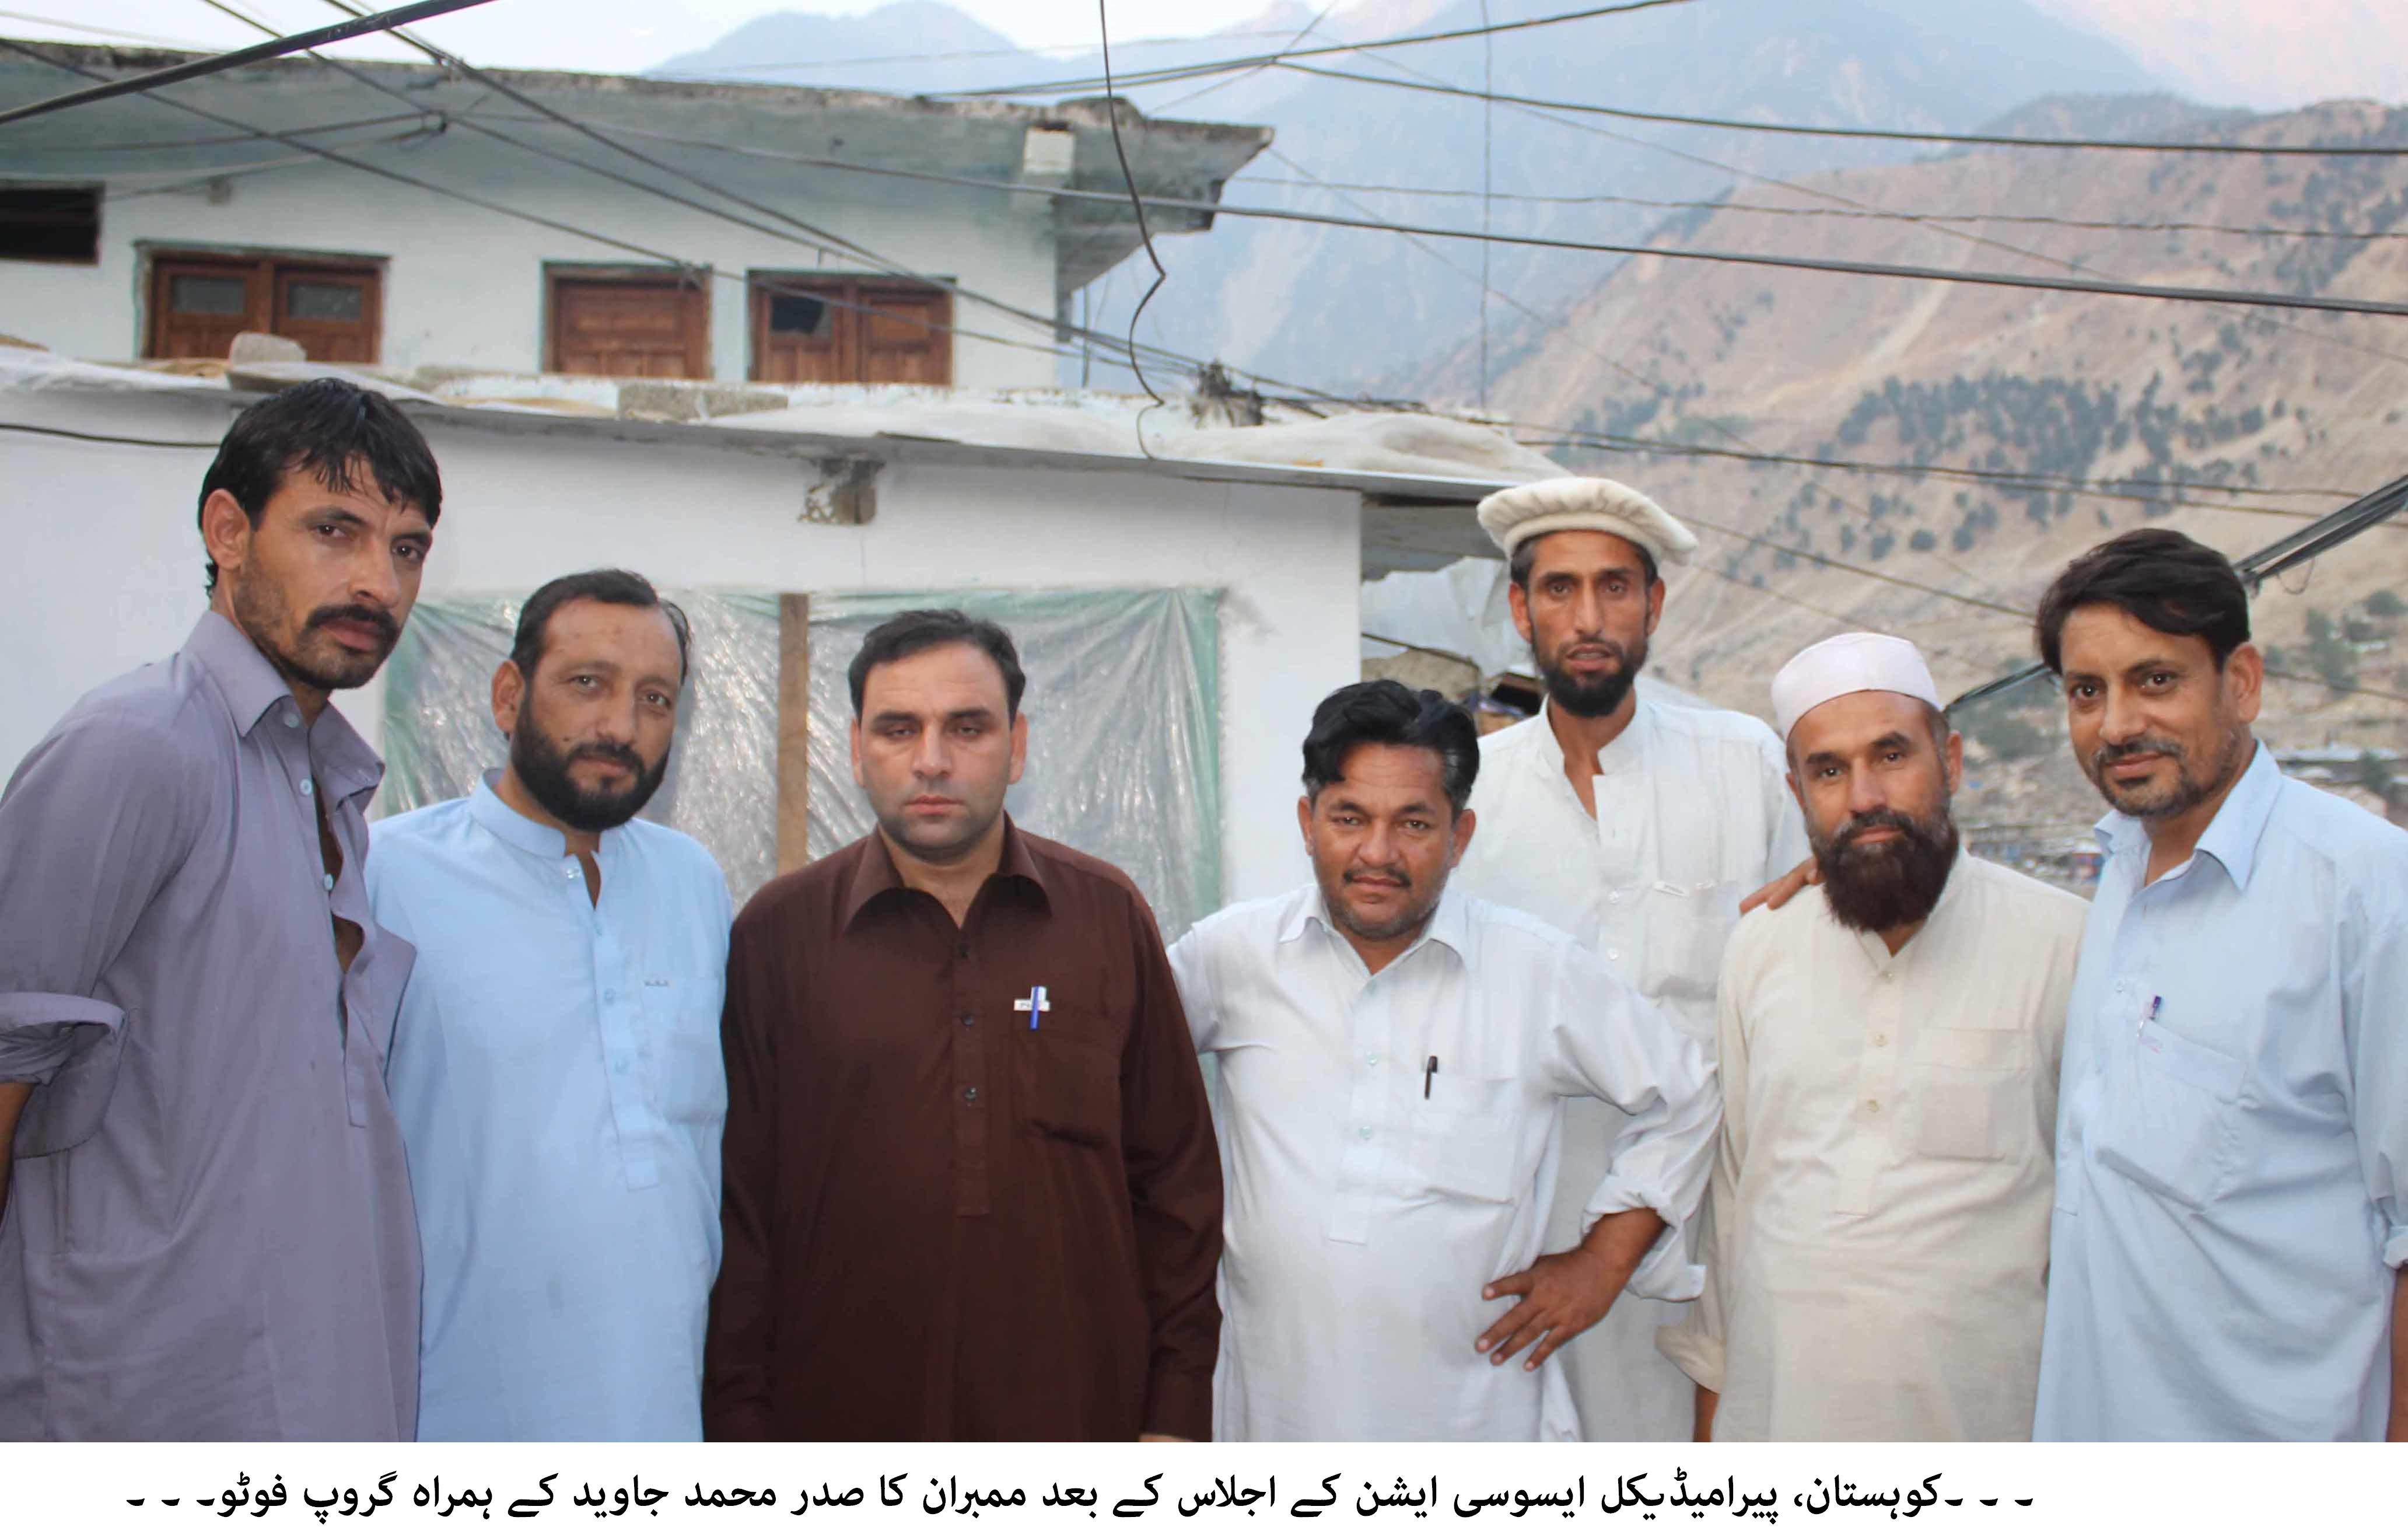 کوہستان پیرامیڈیکل ایسوسی ایشن کے عہدیداروں نے حقوق کے لئے لڑنے کا عزم ظاہرکردیا